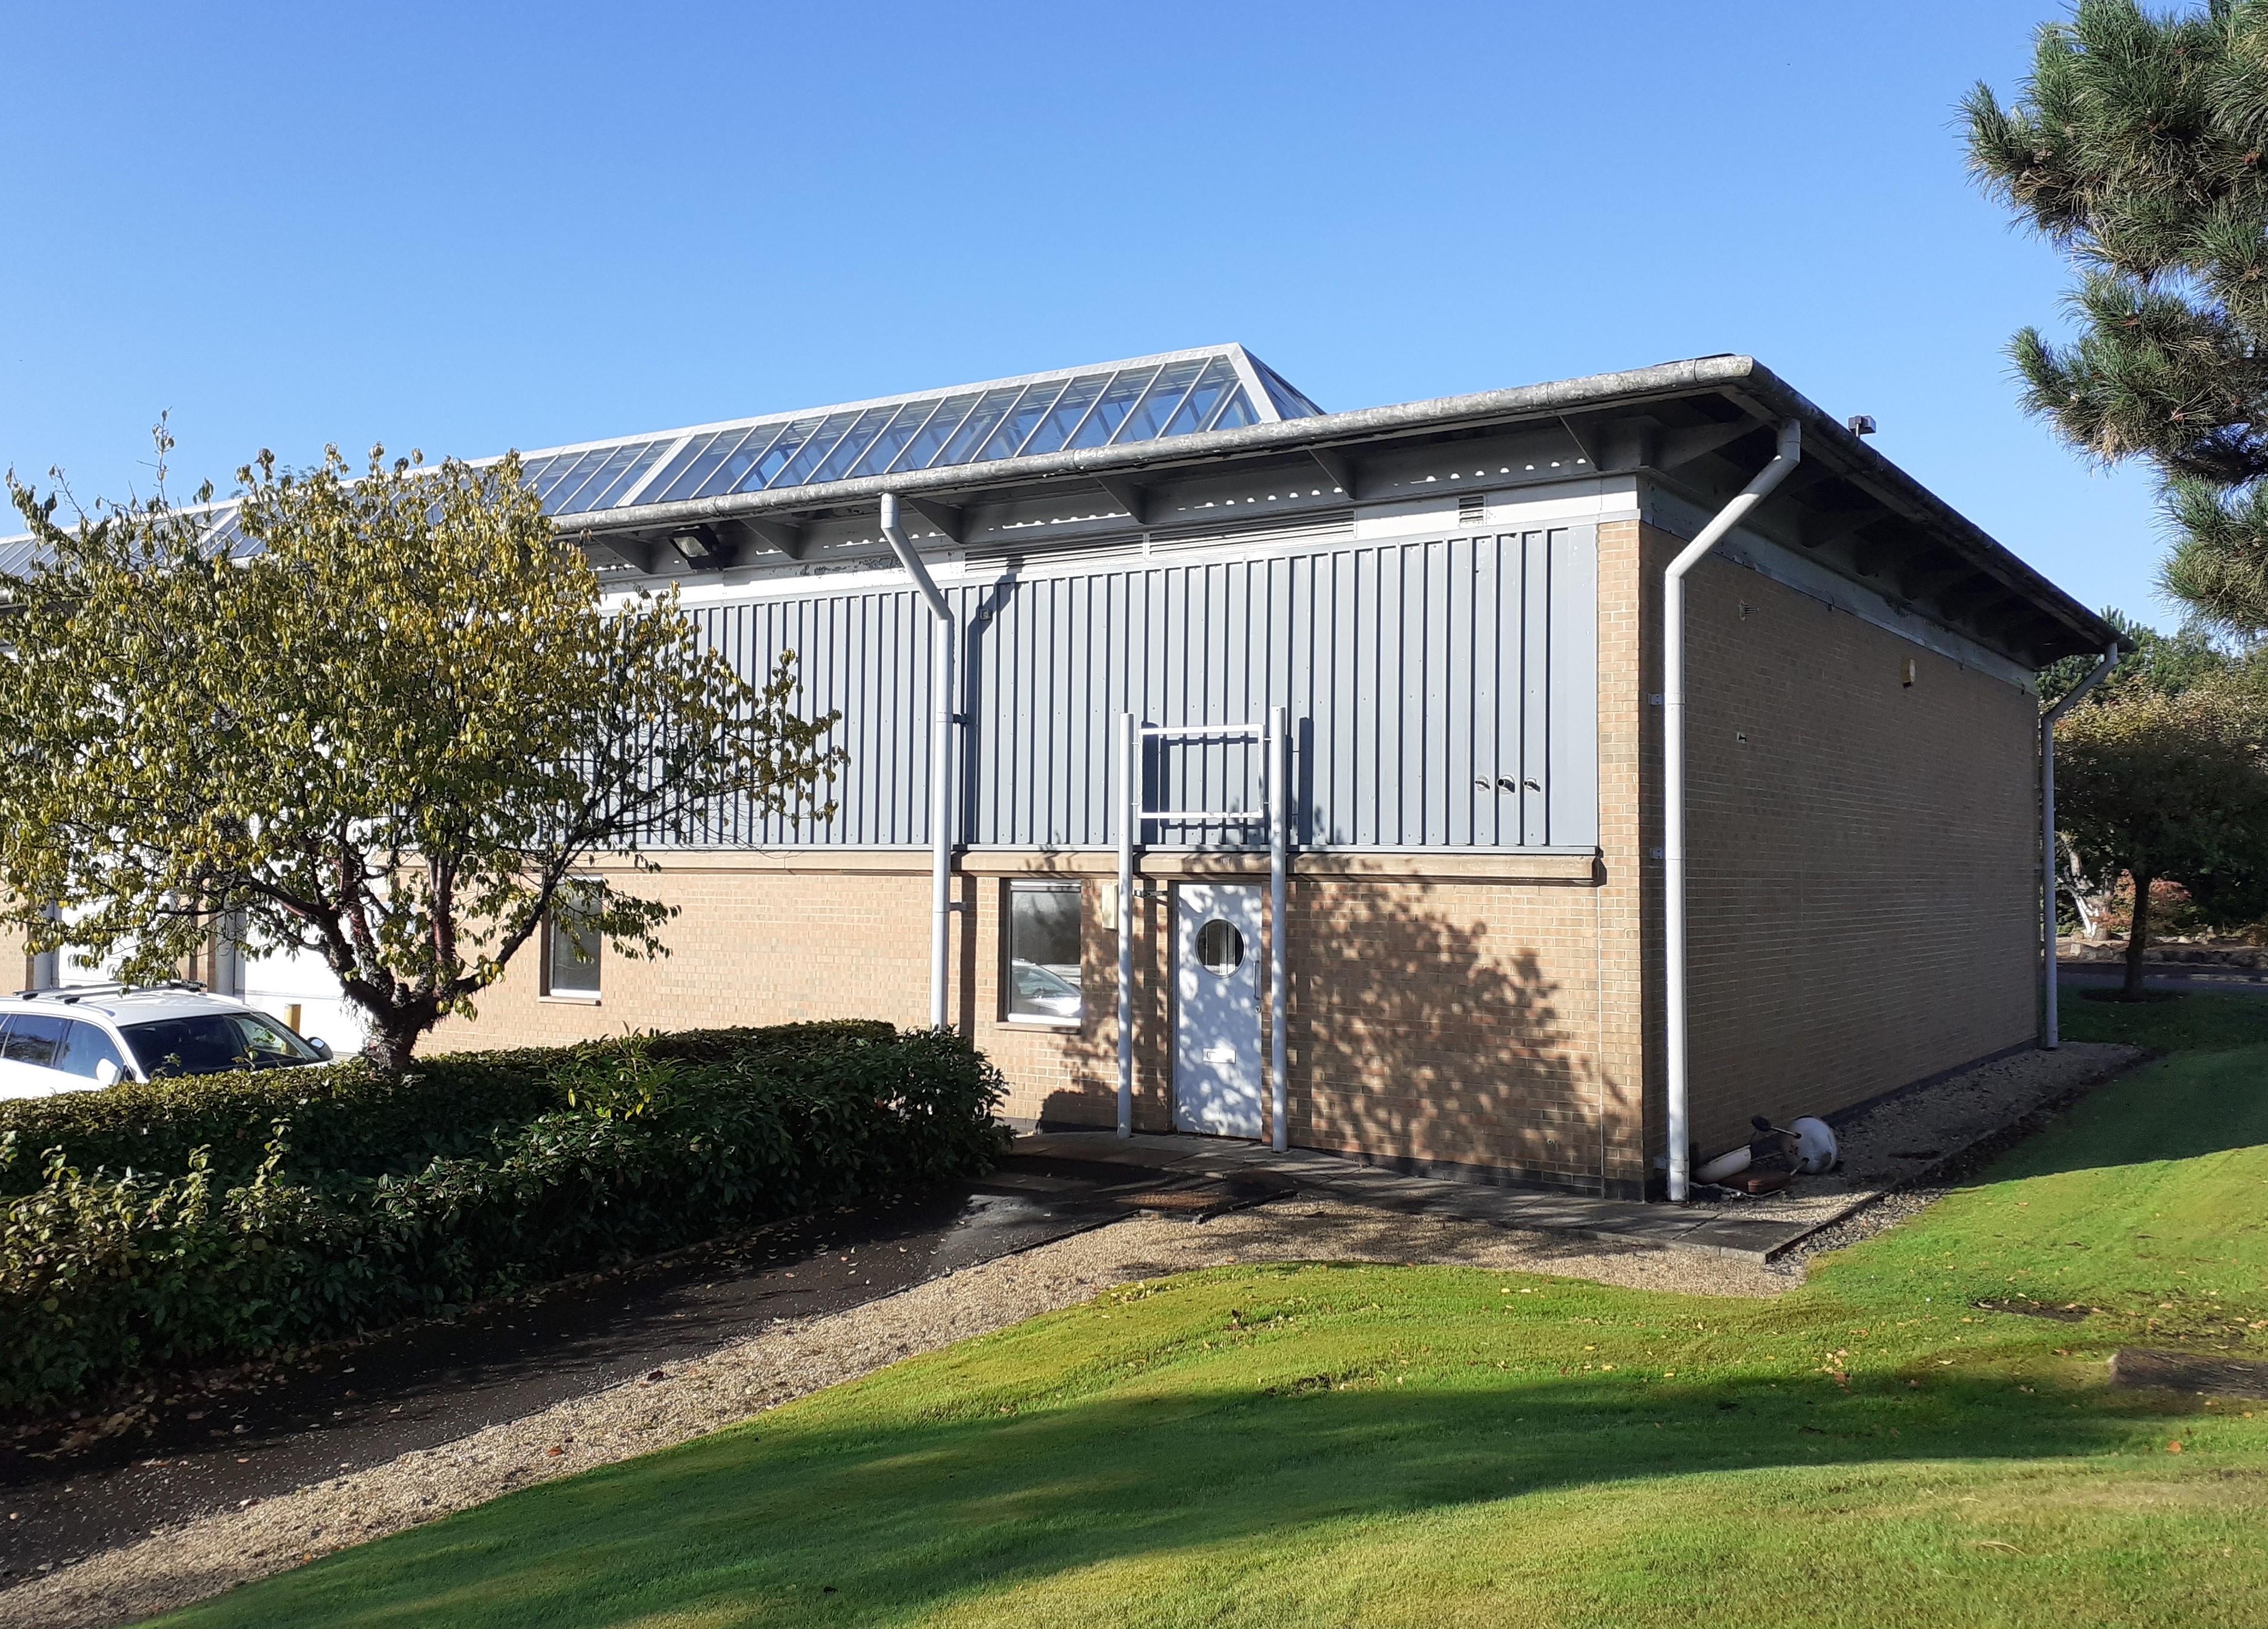 2 Dunlin Court, Strathclyde Business Park, Bellshill